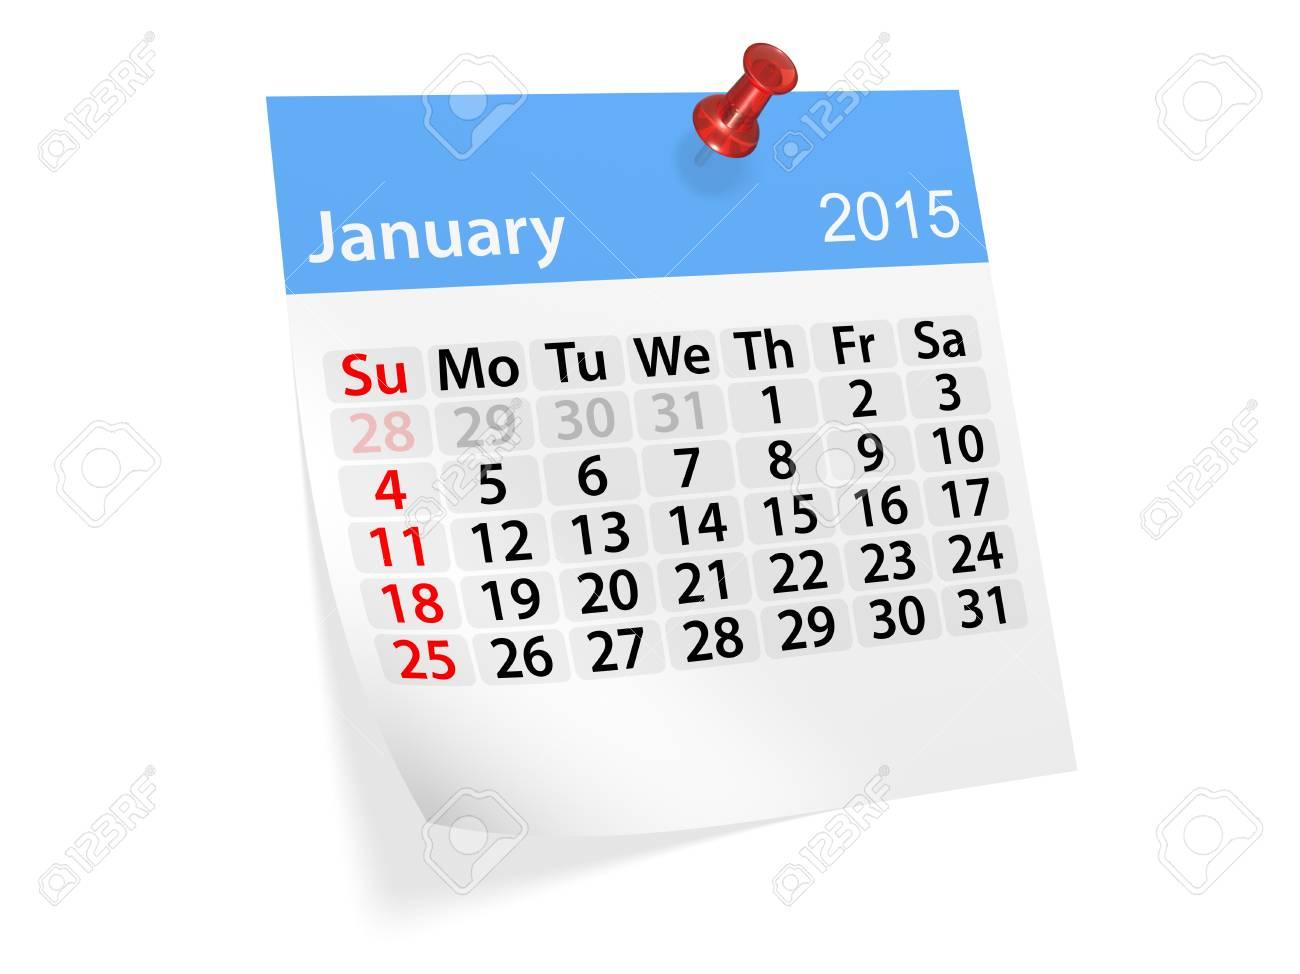 Calendario Anno 2015 Mensile.Calendario Mensile Per L Anno 2015 Gennaio